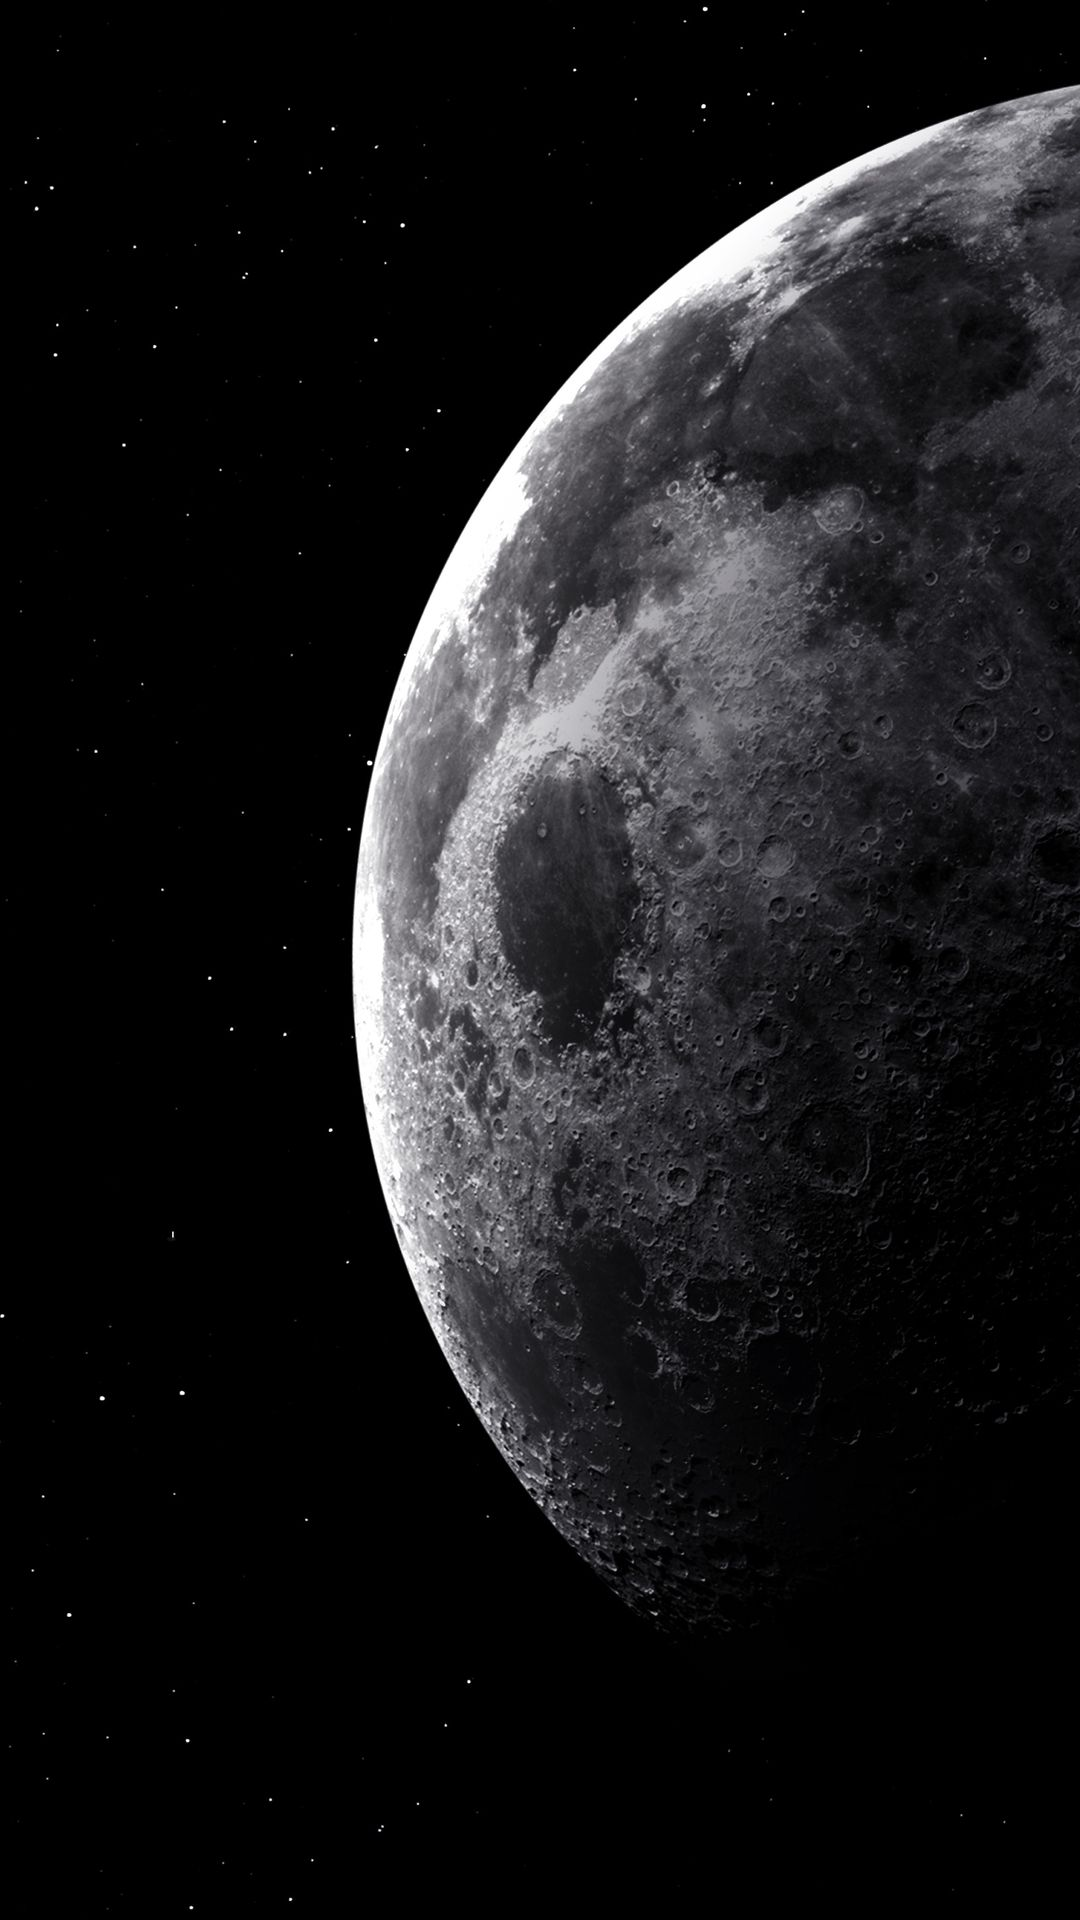 Moon 5k Wallpapers | hdqwalls.com